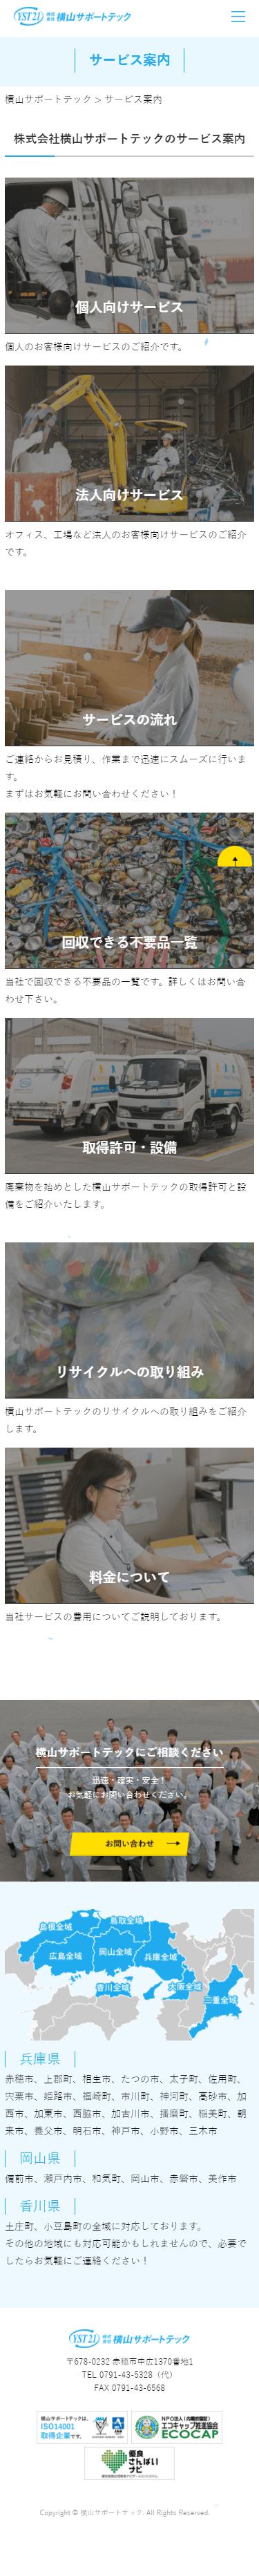 赤穂市 株式会社横山サポートテック様 ホームページ制作4